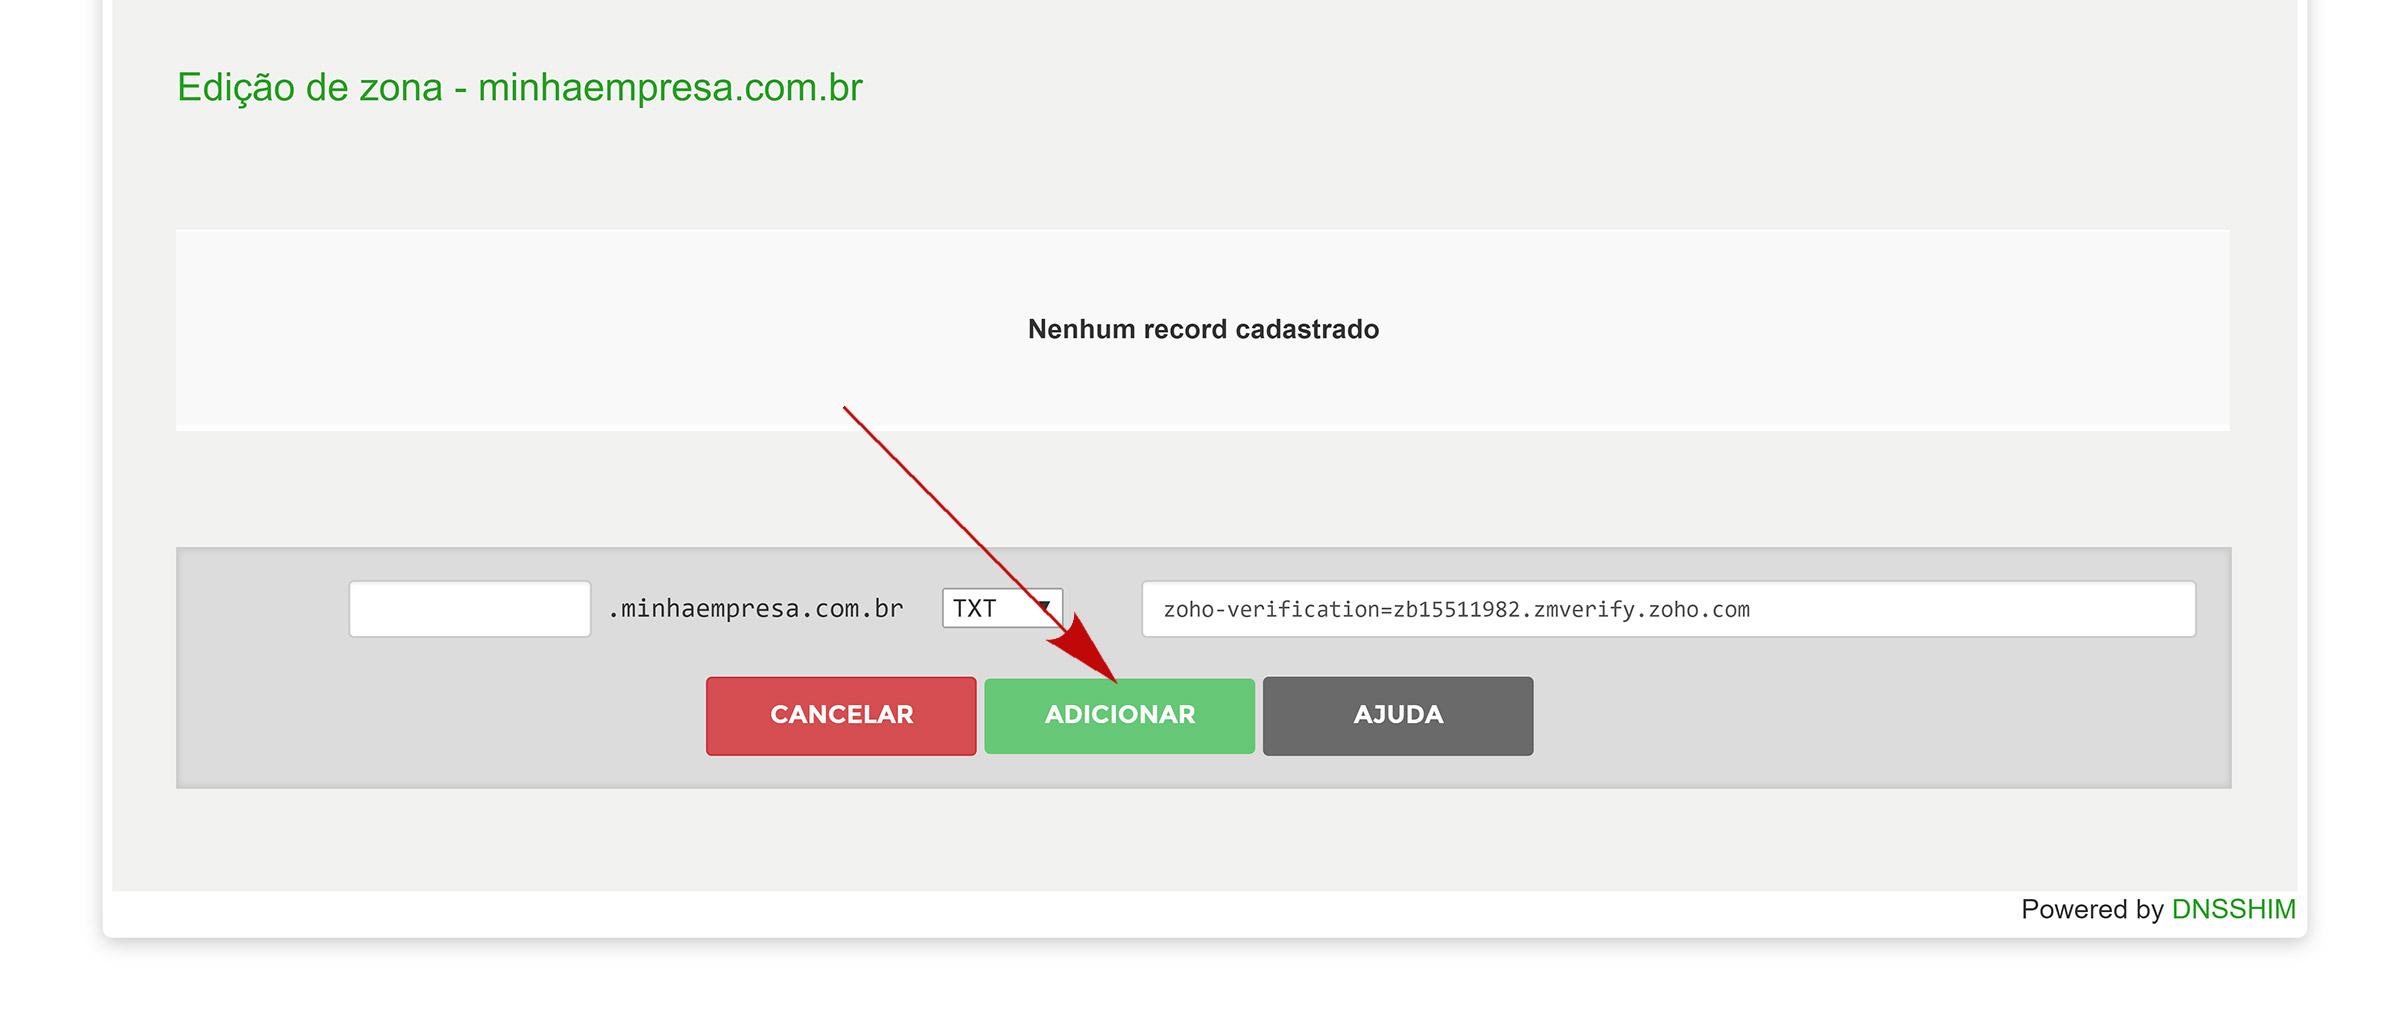 registro.br adicionar registro de verificação zoho